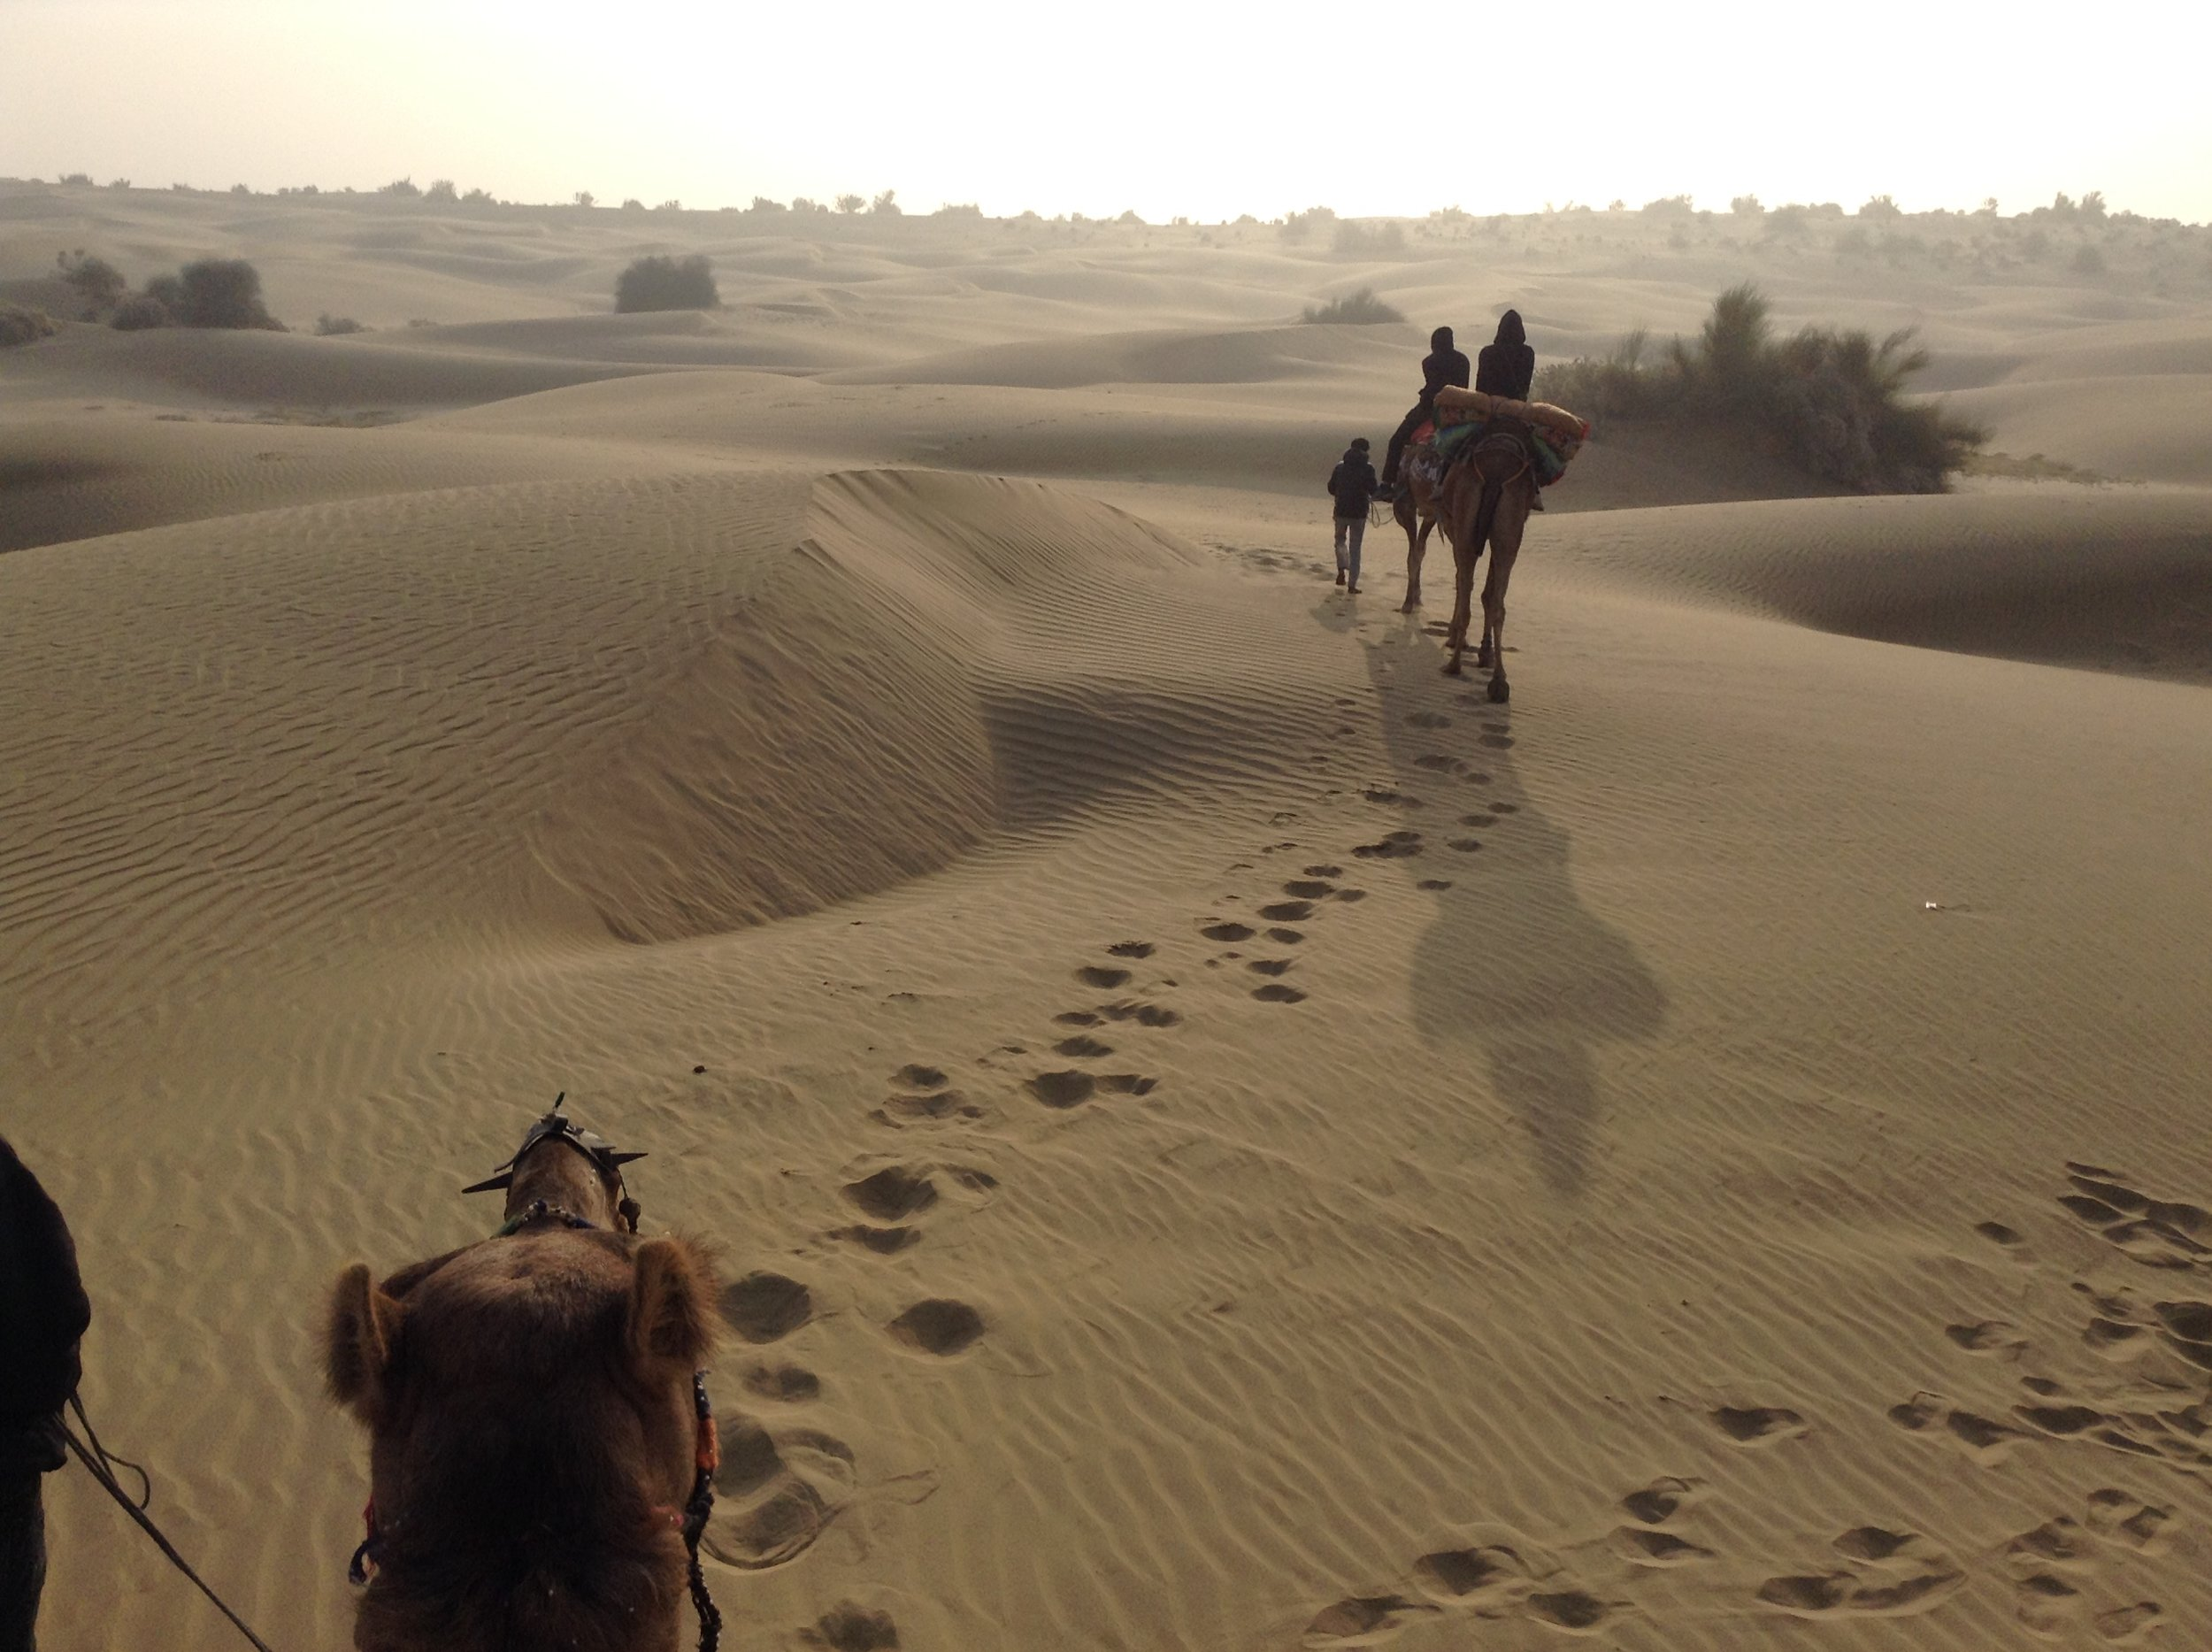 IMG 0548 - Coisas que deixamos pelo deserto ou coisas que aprendi no deserto.